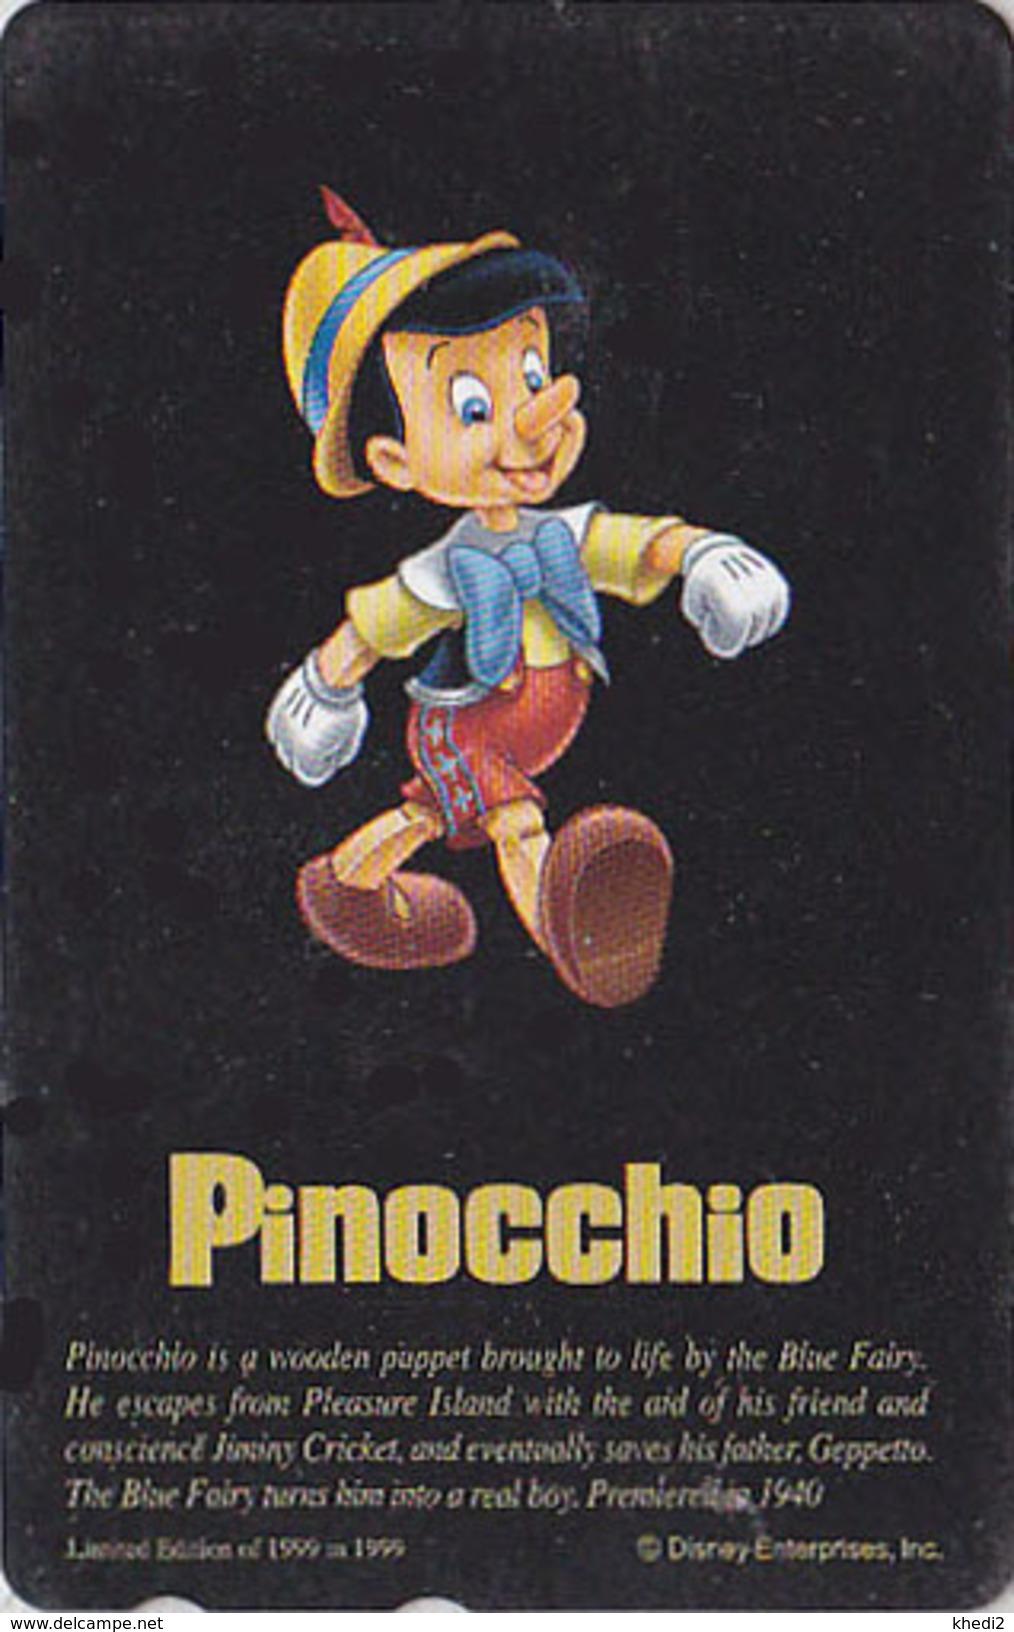 Télécarte NEUVE Japon DISNEY / 110-206592 - SERIE NOIRE - PINOCCHIO / Italy - Japan MINT Movie Phonecard - Disney